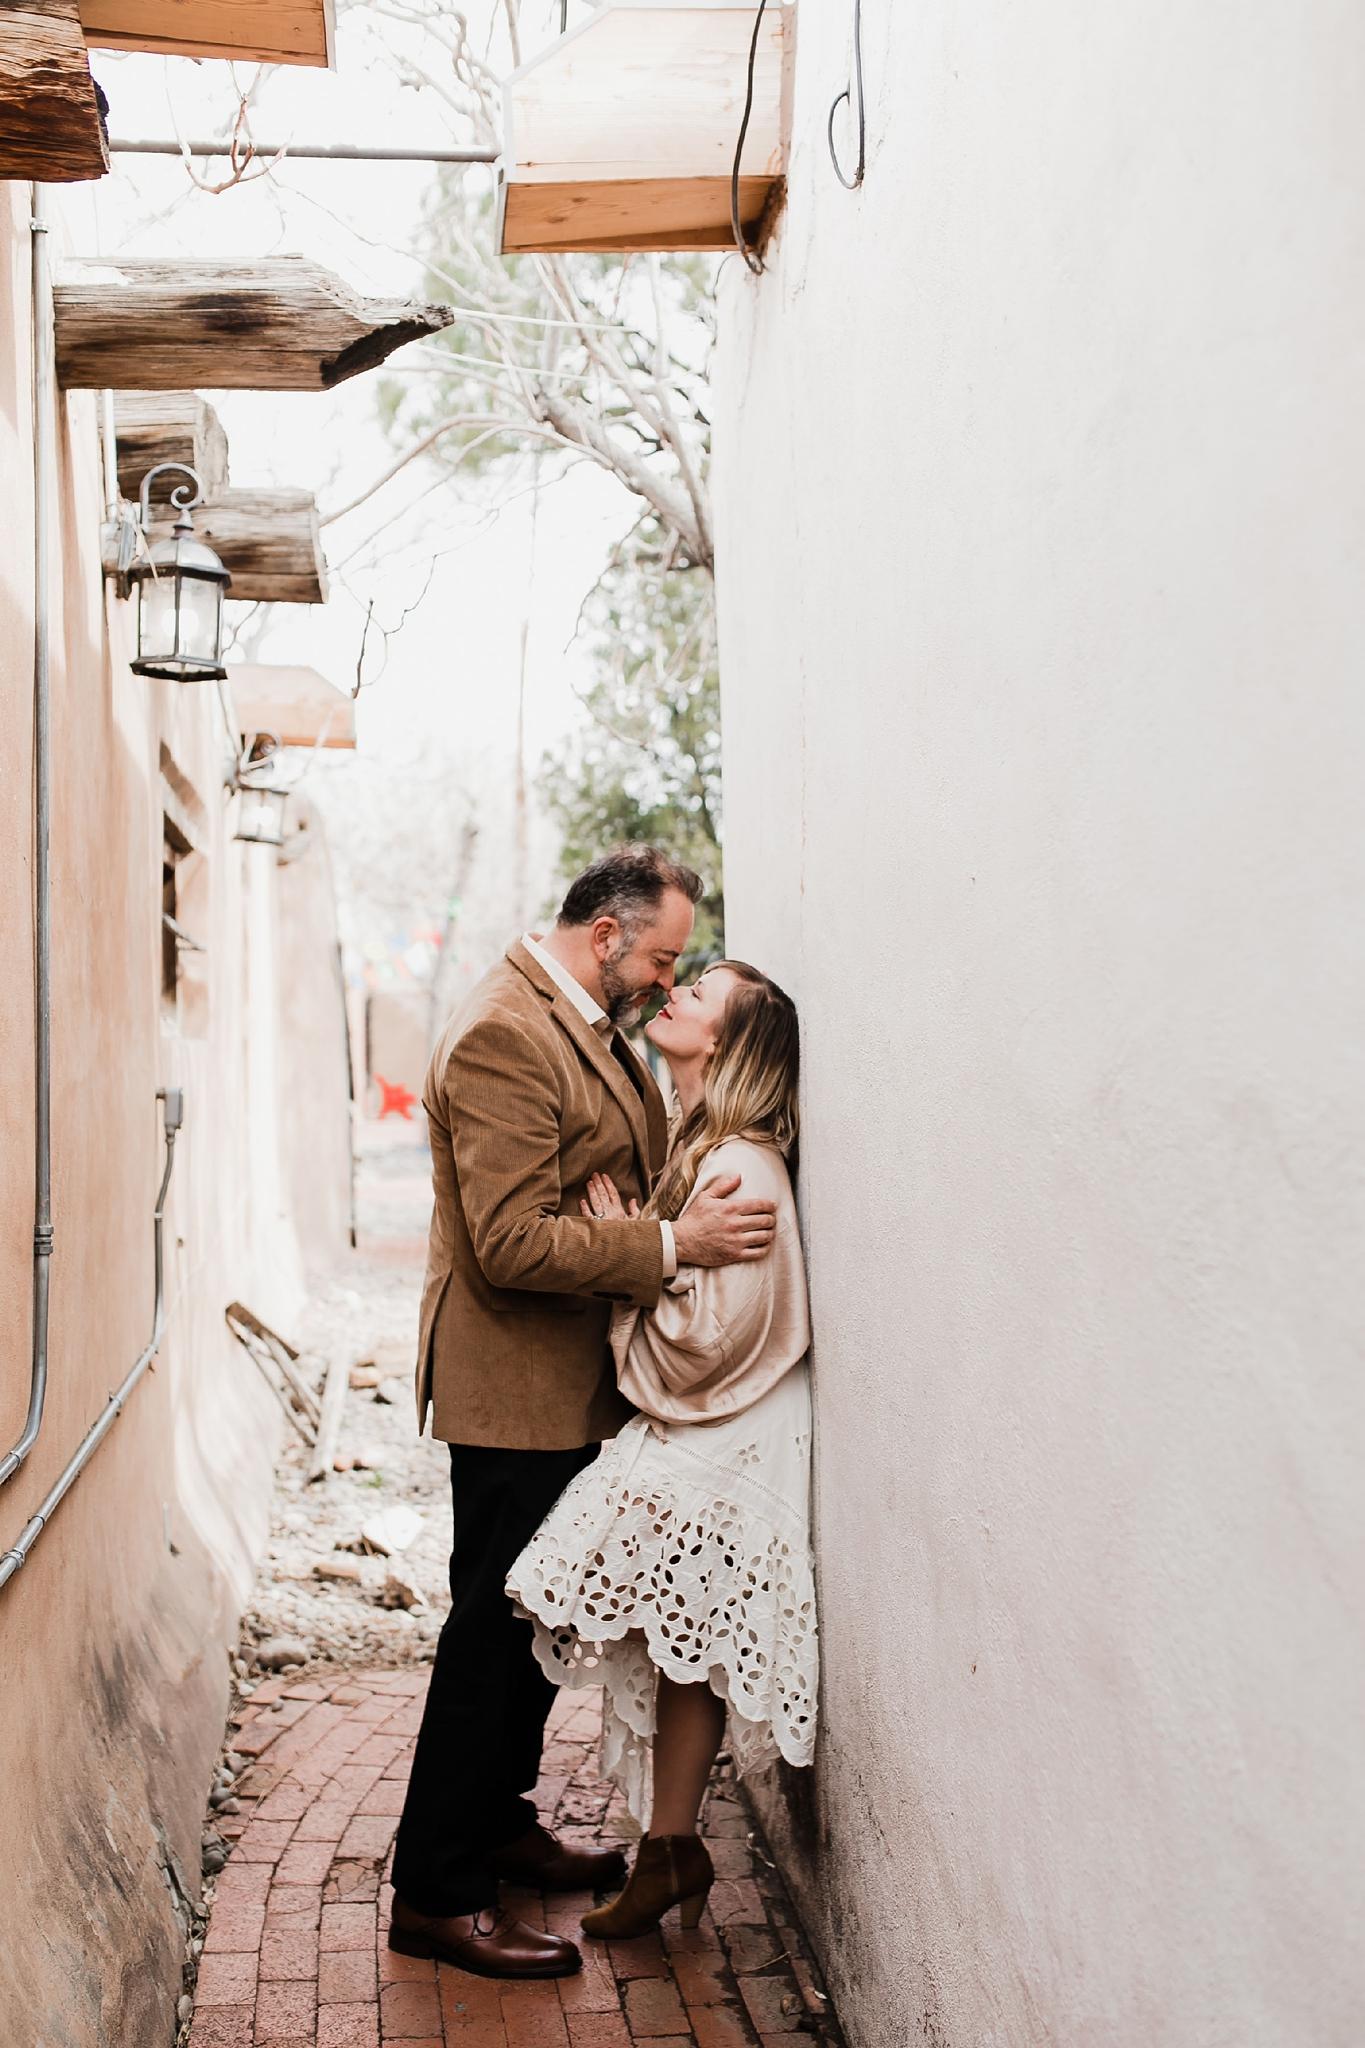 Alicia+lucia+photography+-+albuquerque+wedding+photographer+-+santa+fe+wedding+photography+-+new+mexico+wedding+photographer+-+new+mexico+wedding+-+new+mexico+engagement+-+engagement+style+-+style+lookbook_0070.jpg